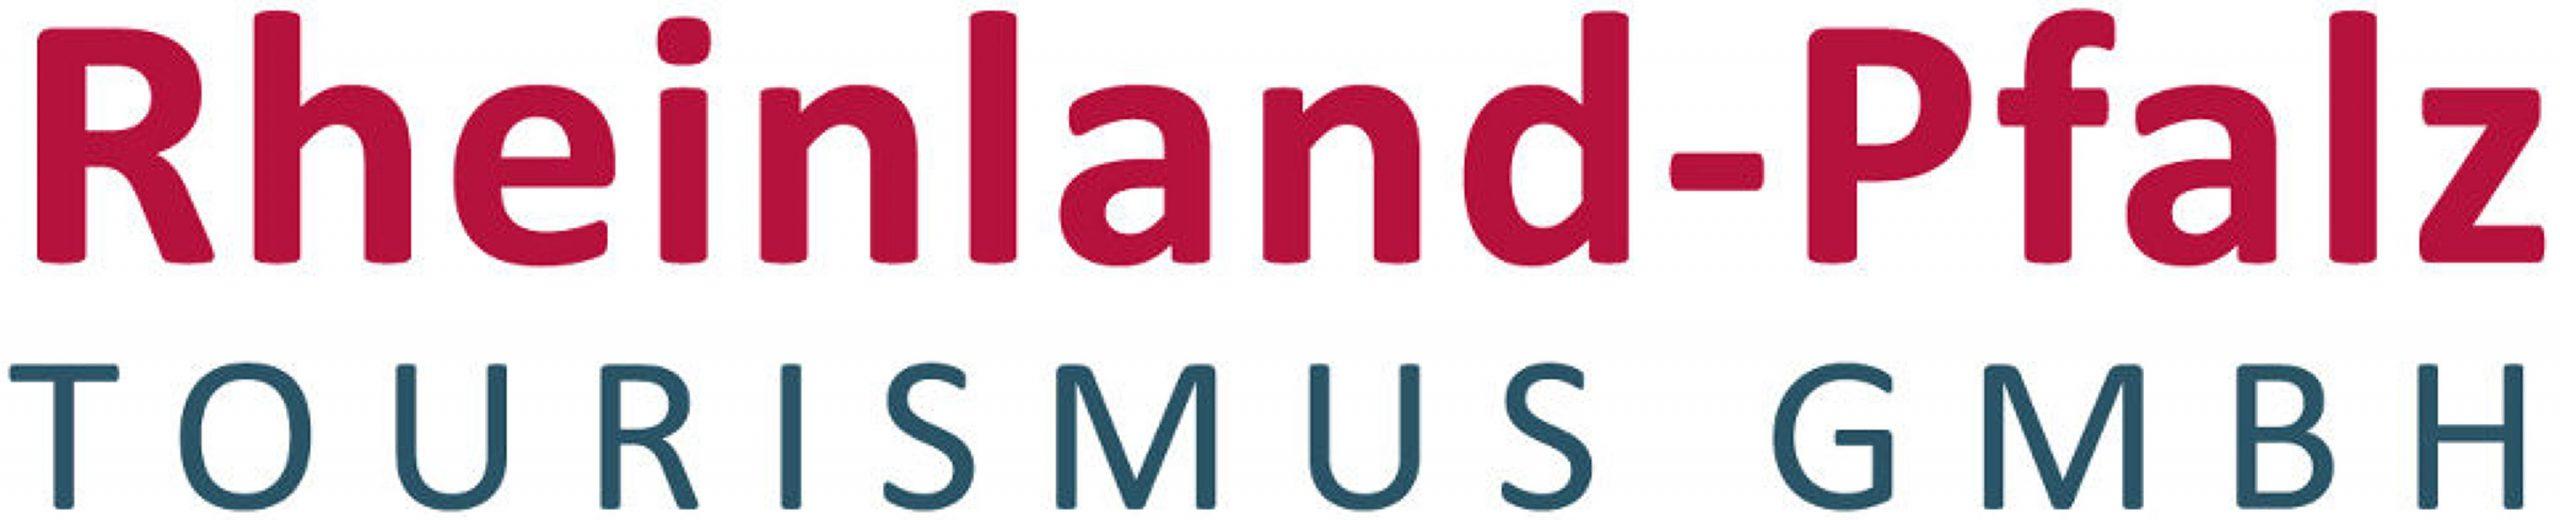 logo-rheinland-pfalz